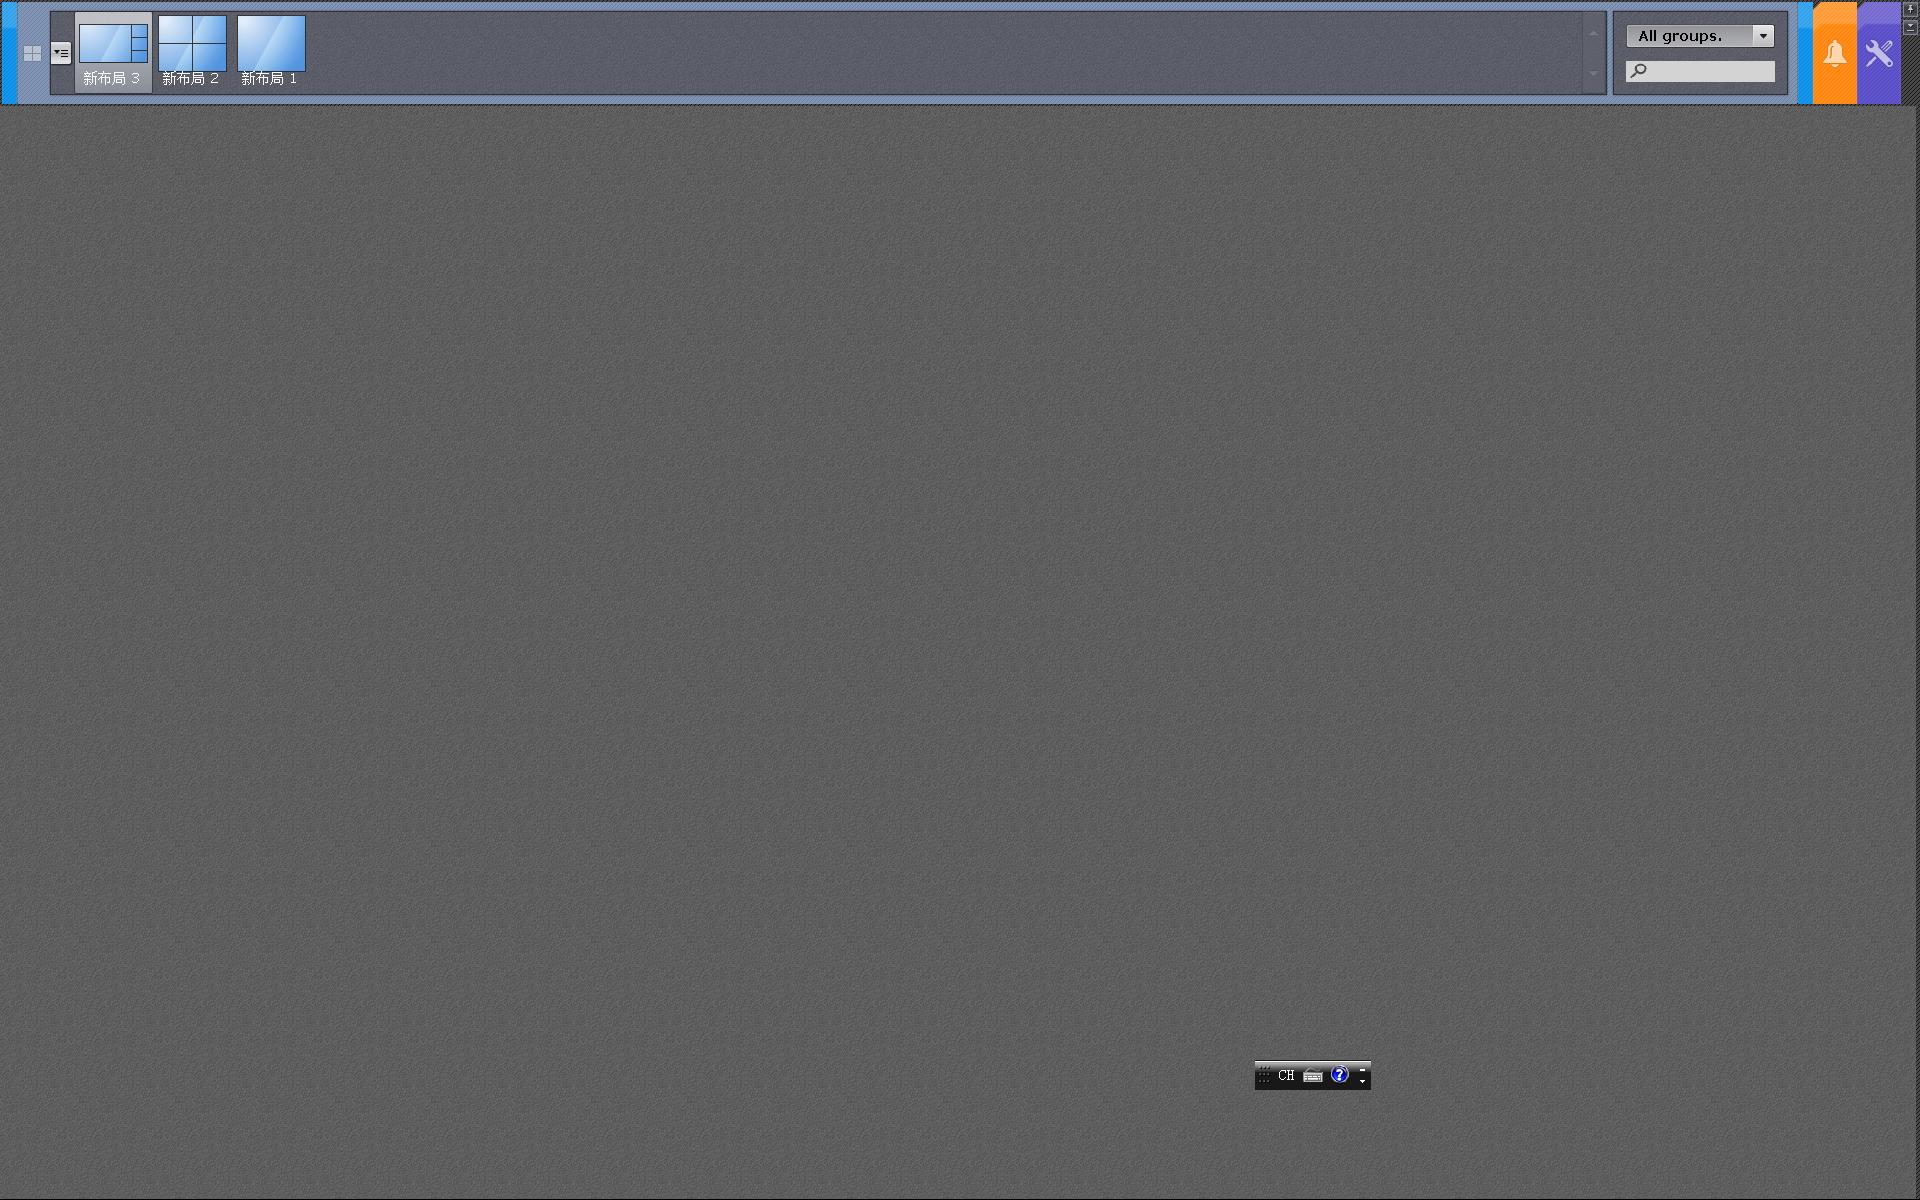 数字视频监控软件平台 (3p)